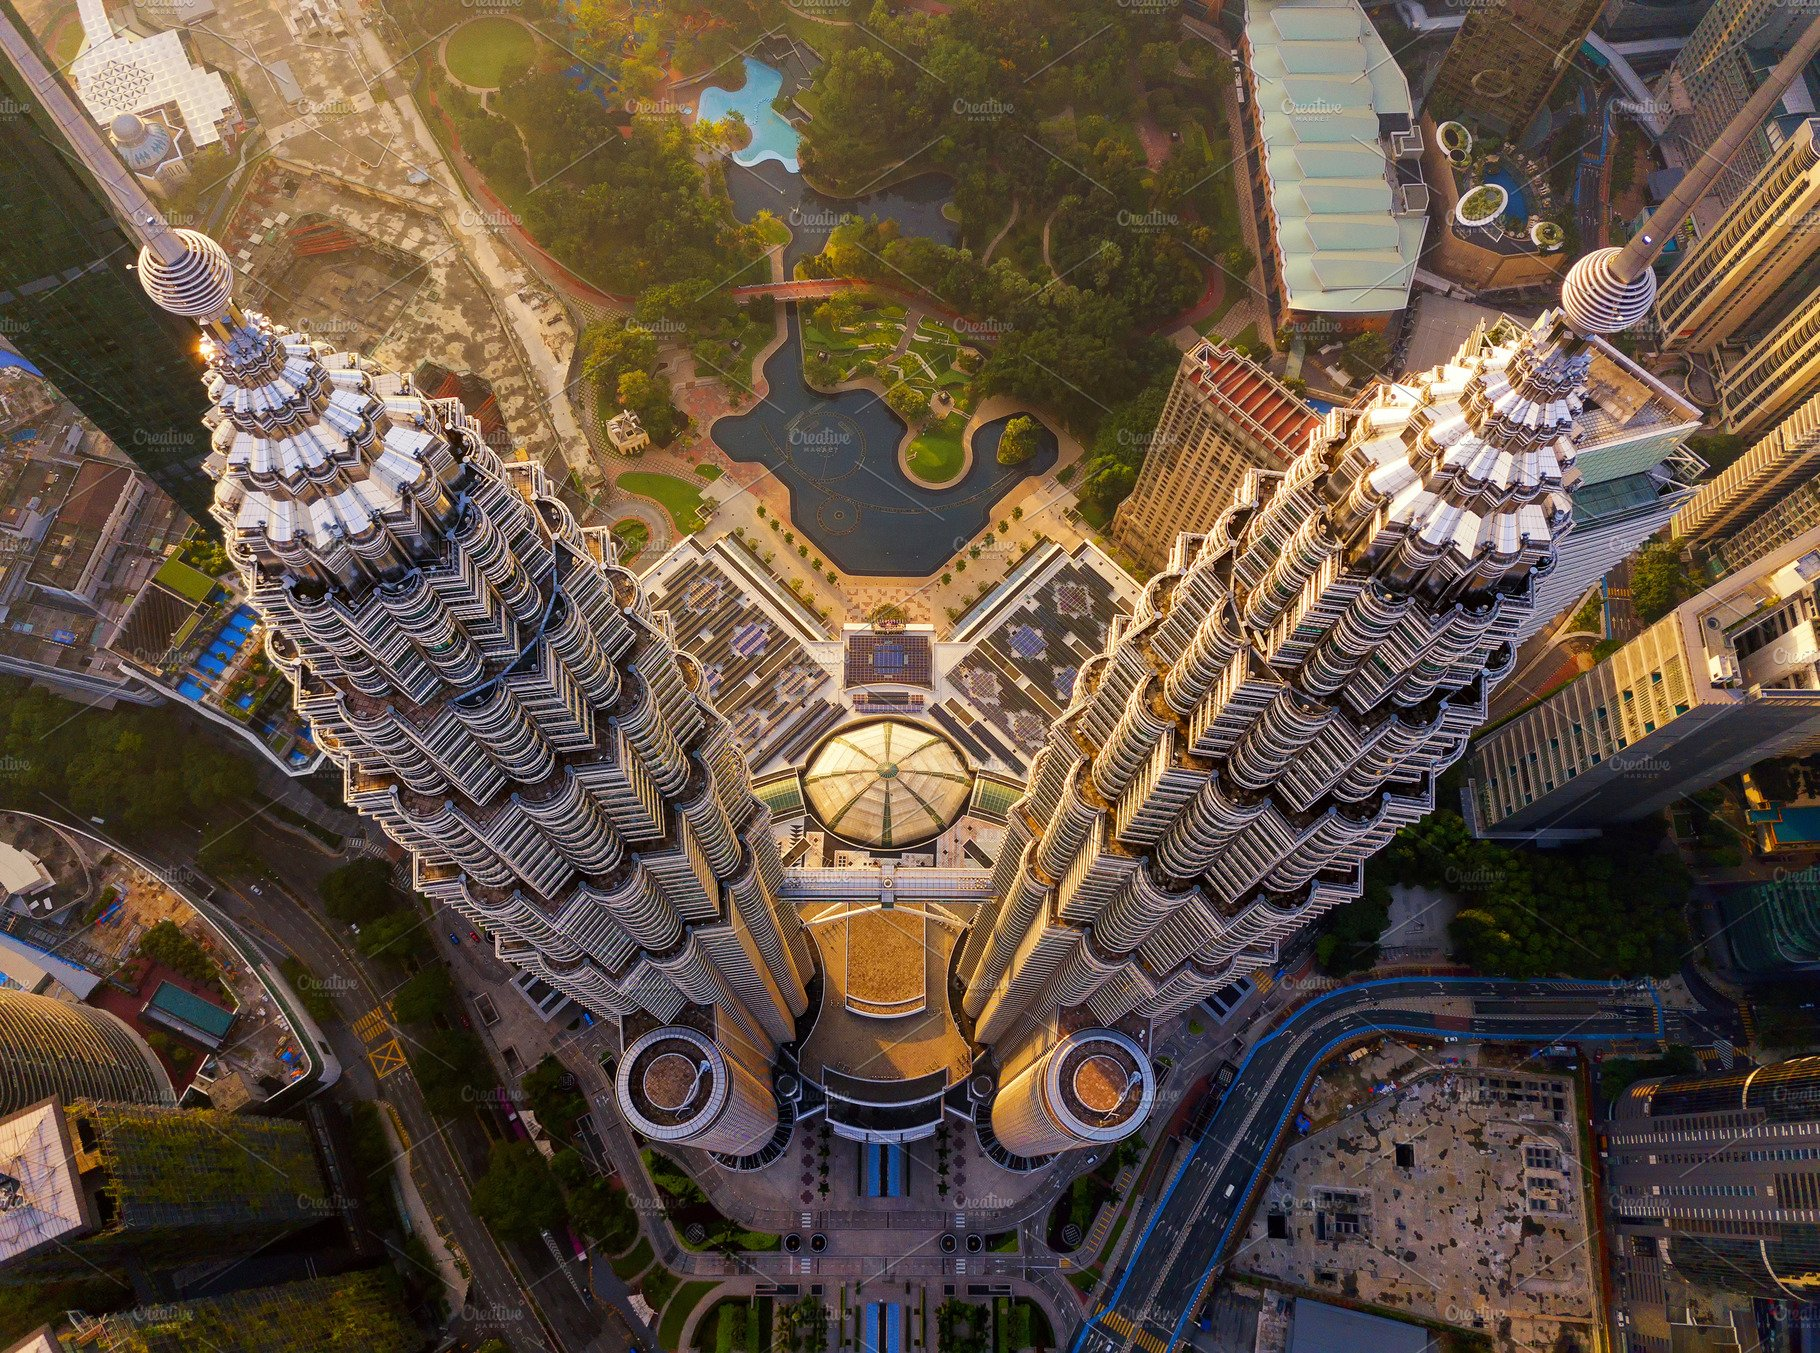 Hình ảnh đẹp về tháp đôi Petrons tại Kuala Lumpur